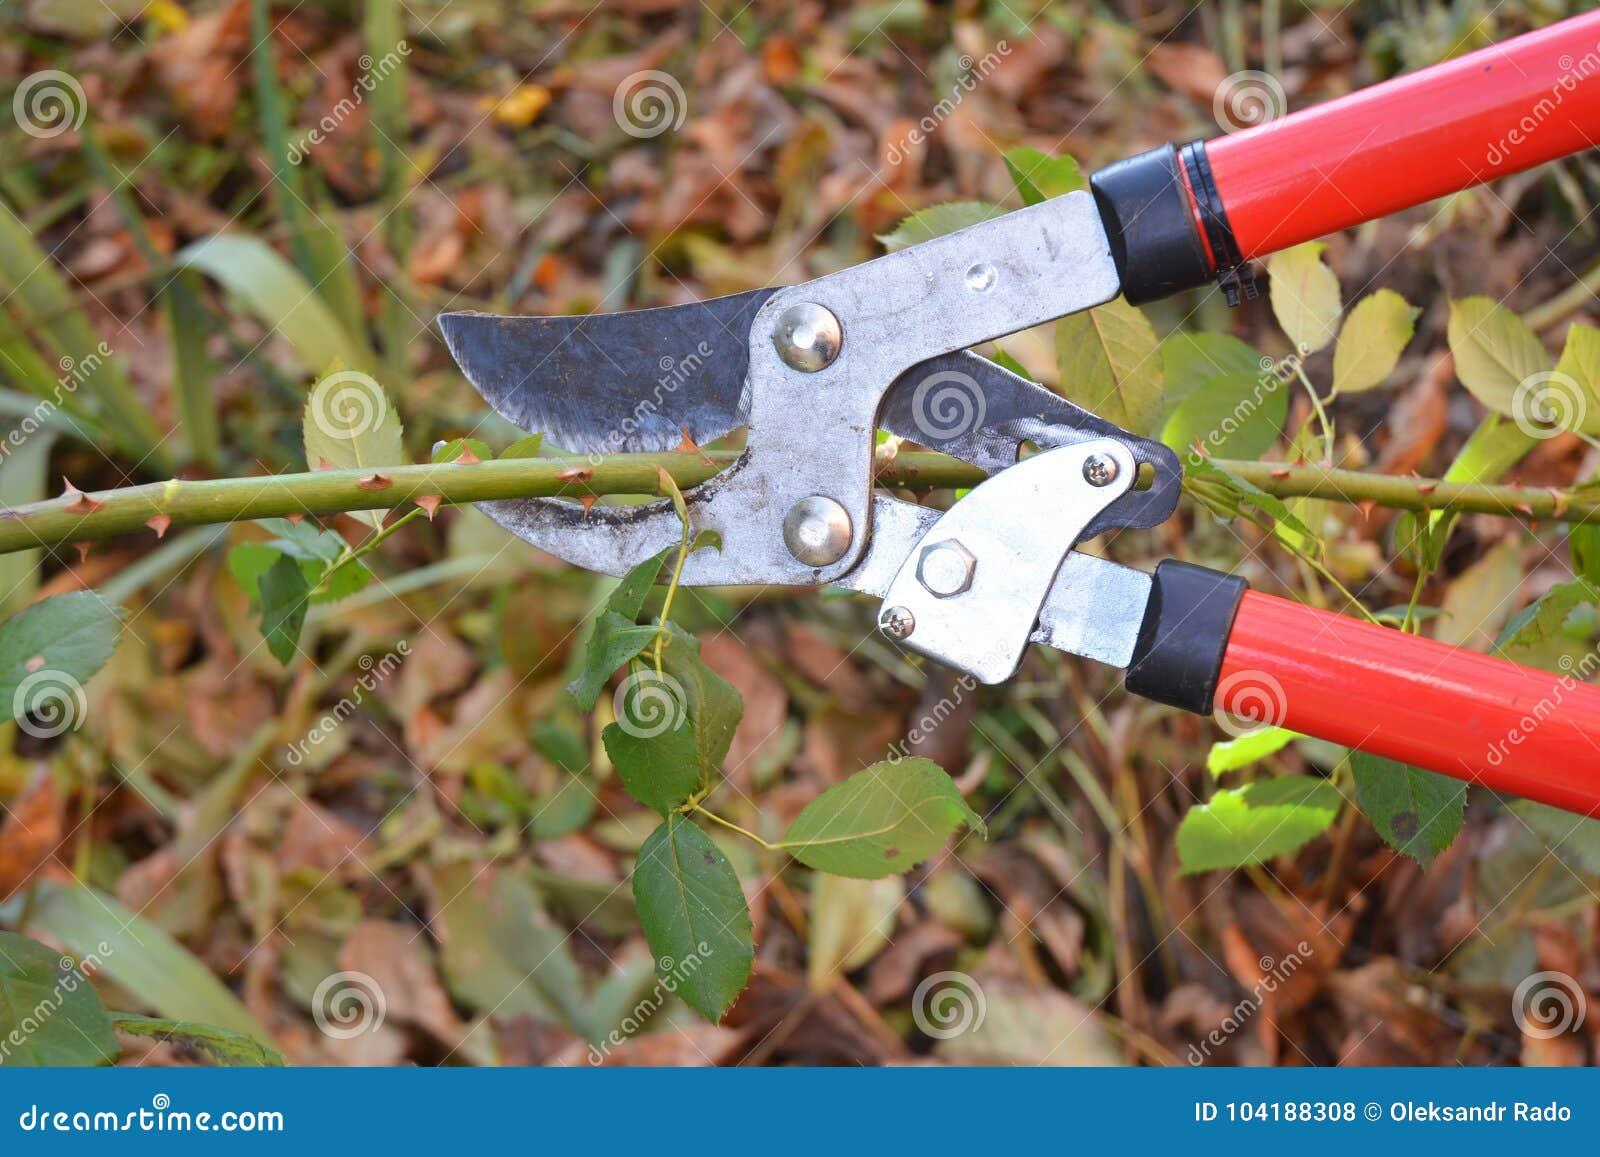 Rose Pruning Gardener Prune Climbing Roses How To Prune Roses